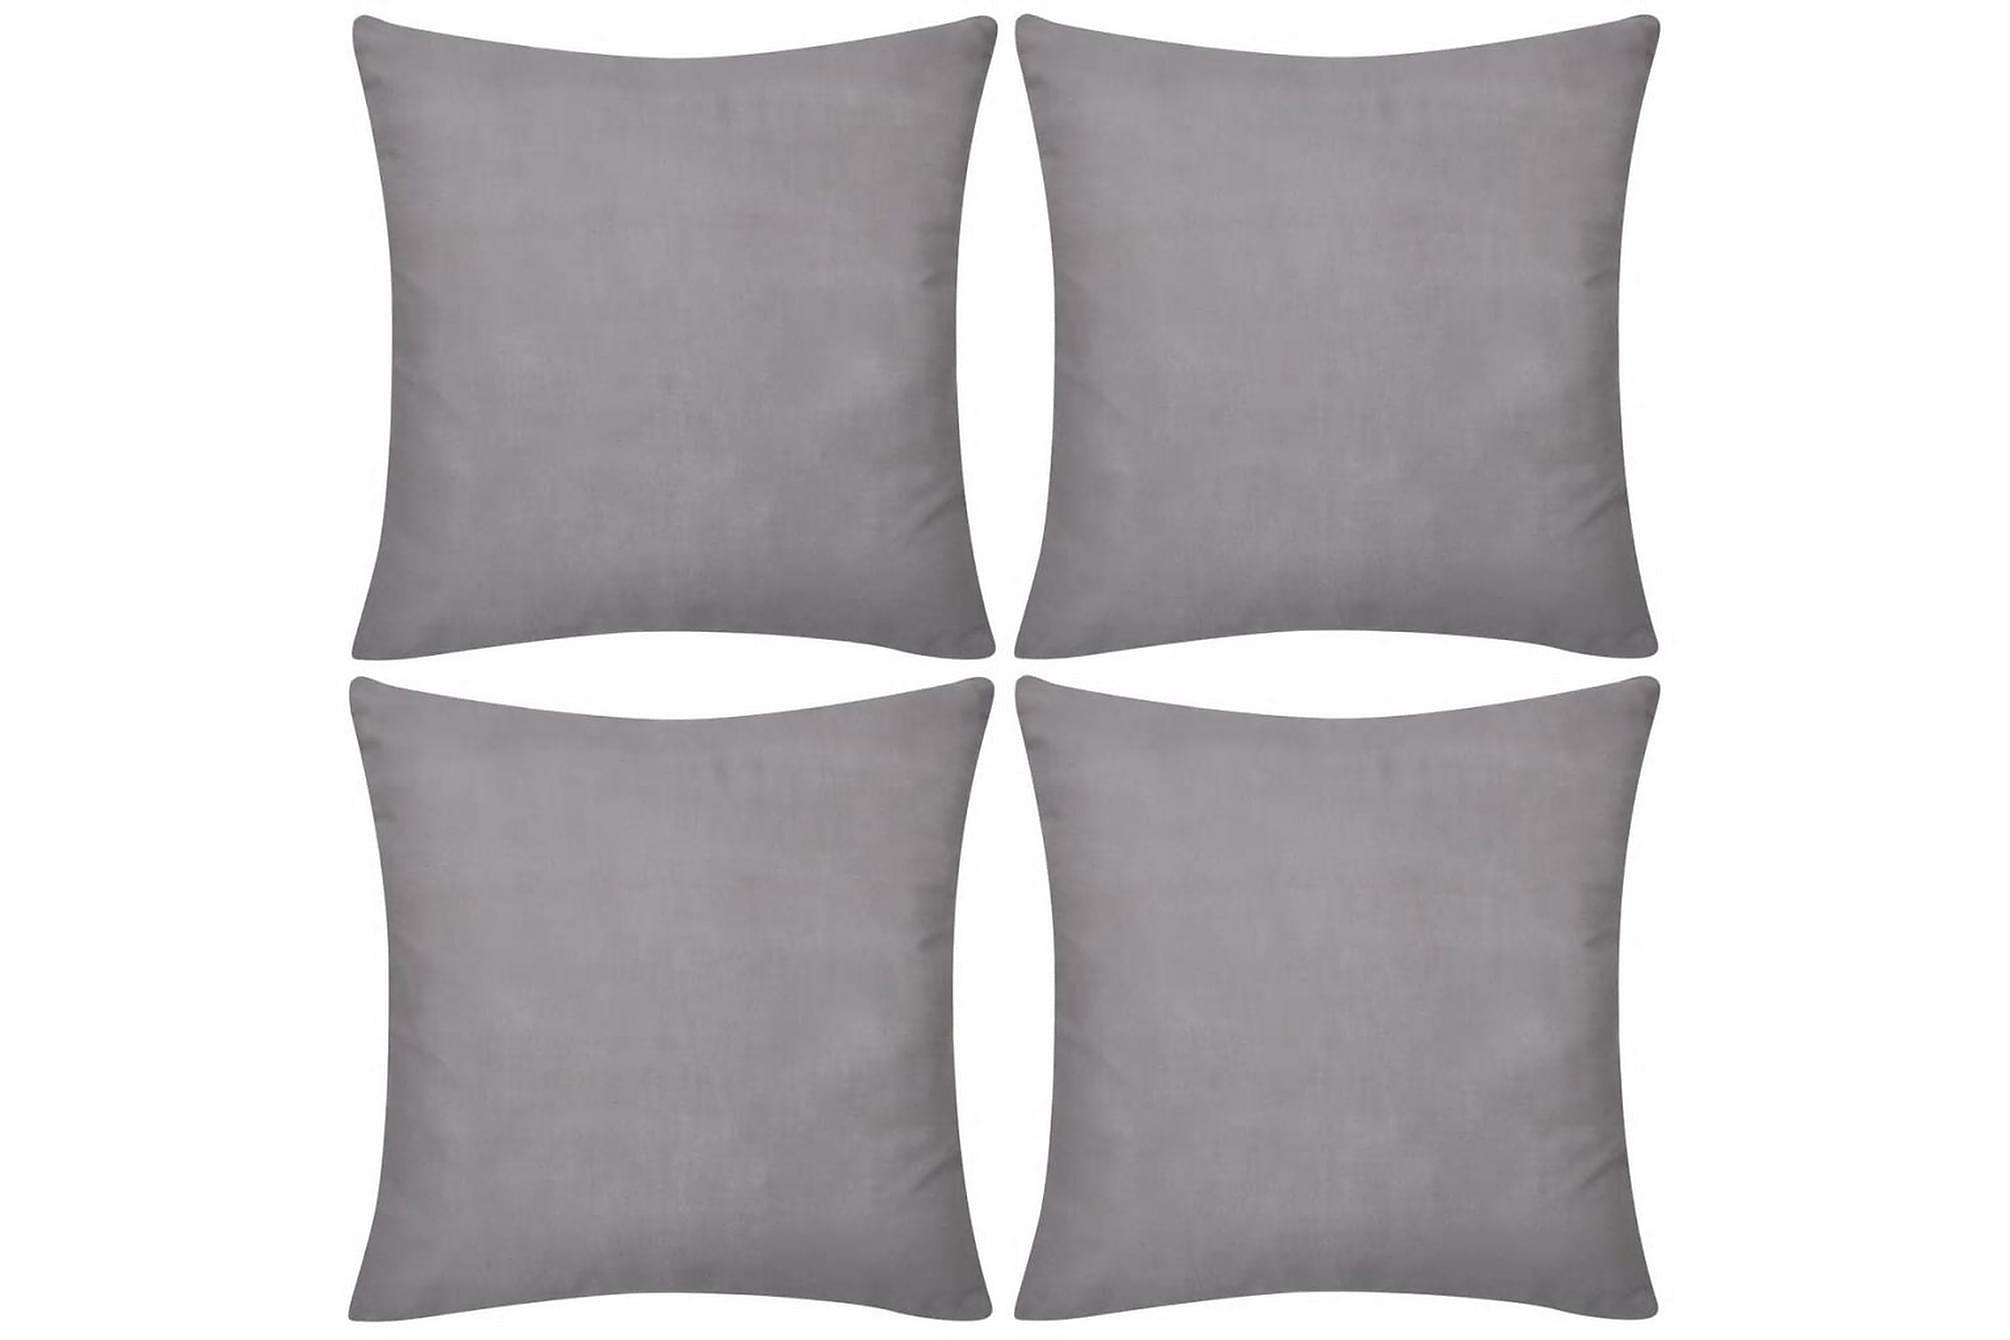 4 Kuddöverdrag i bomull gråa 40 x 40 cm, Prydnadskuddar & filtar